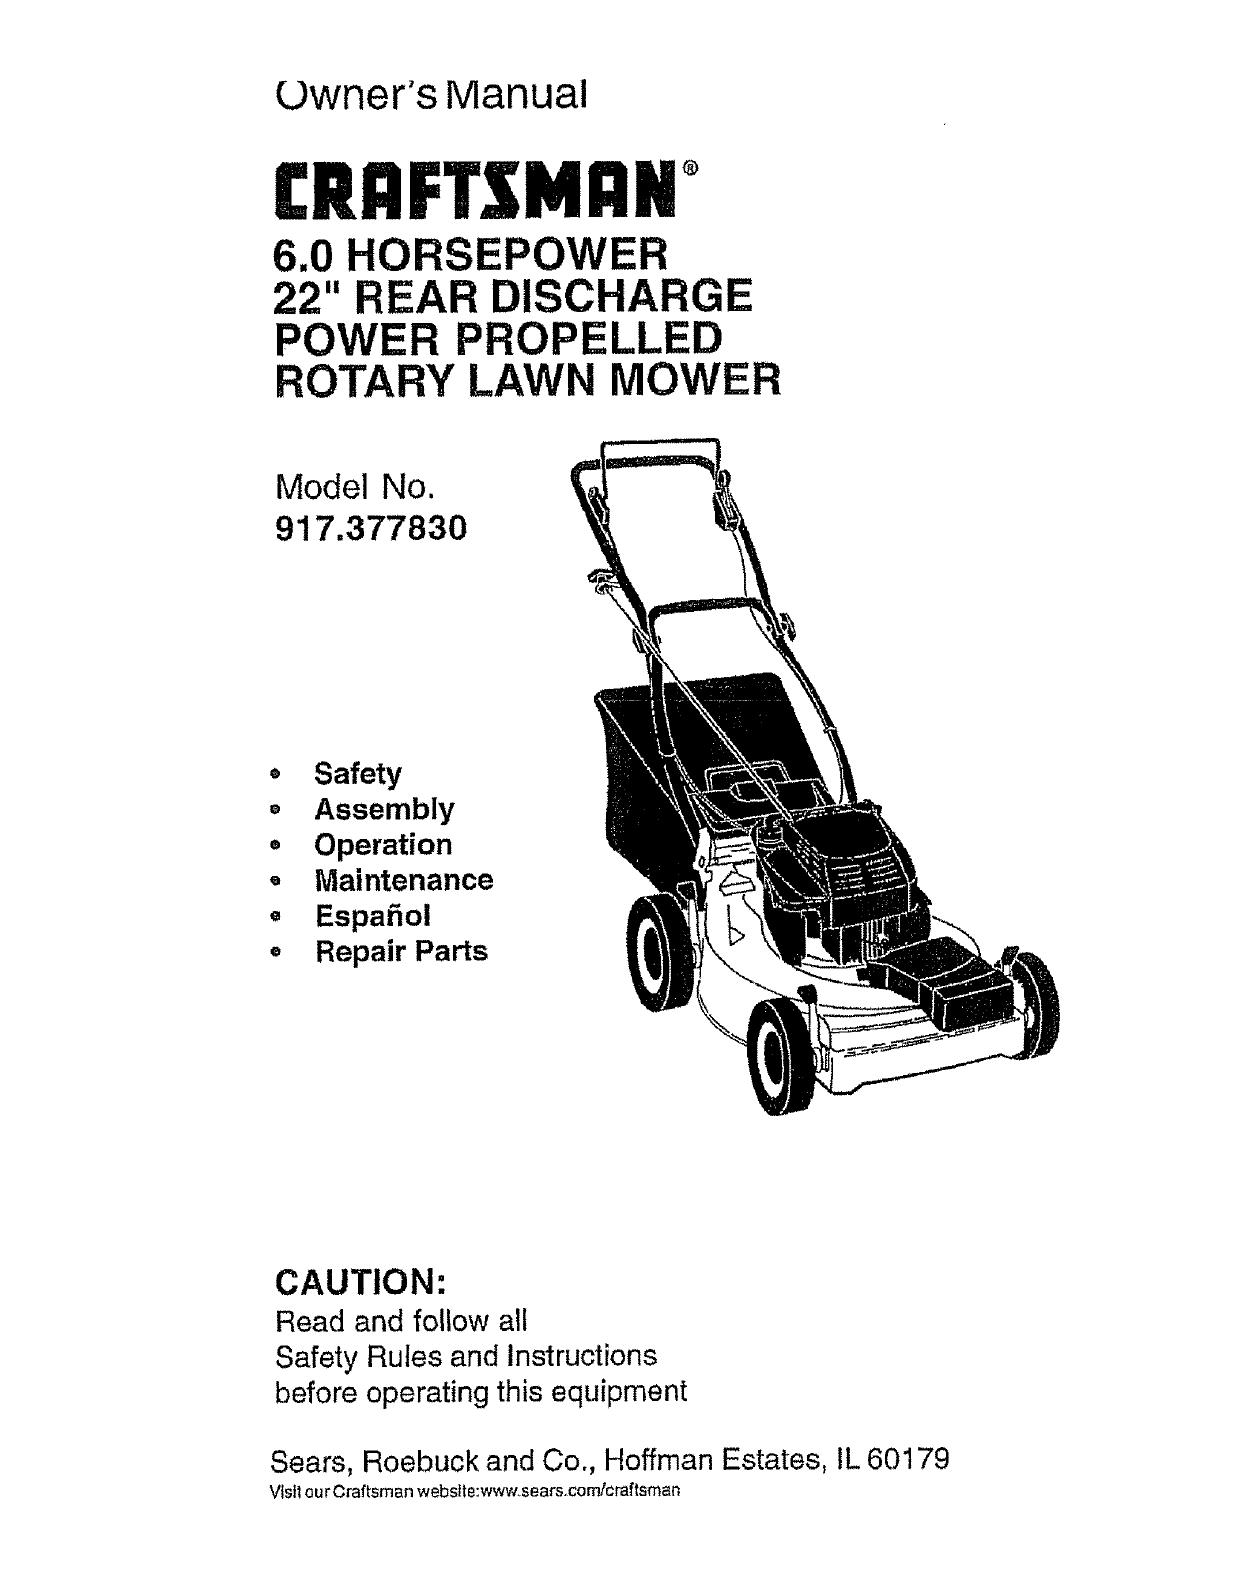 craftsman 917377830 user manual gas walk behind lawnmower manuals rh usermanual wiki craftsman 875 series lawn mower parts craftsman 875 series lawn mower parts